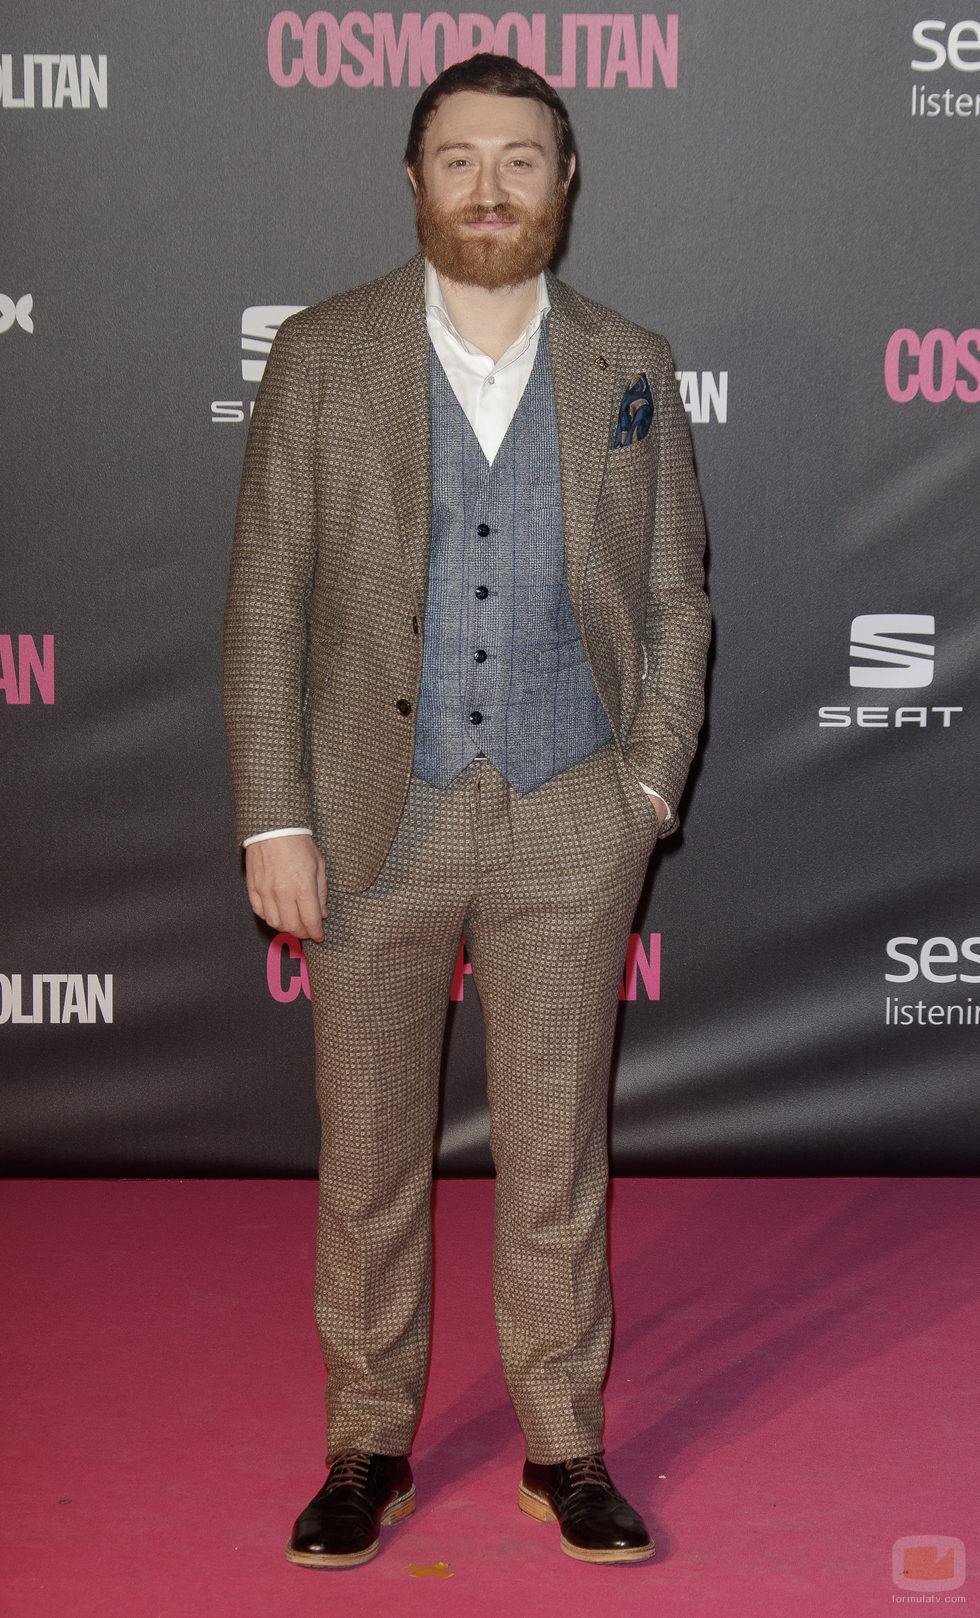 Manuel Burque en los Premios Cosmopolitan 2016